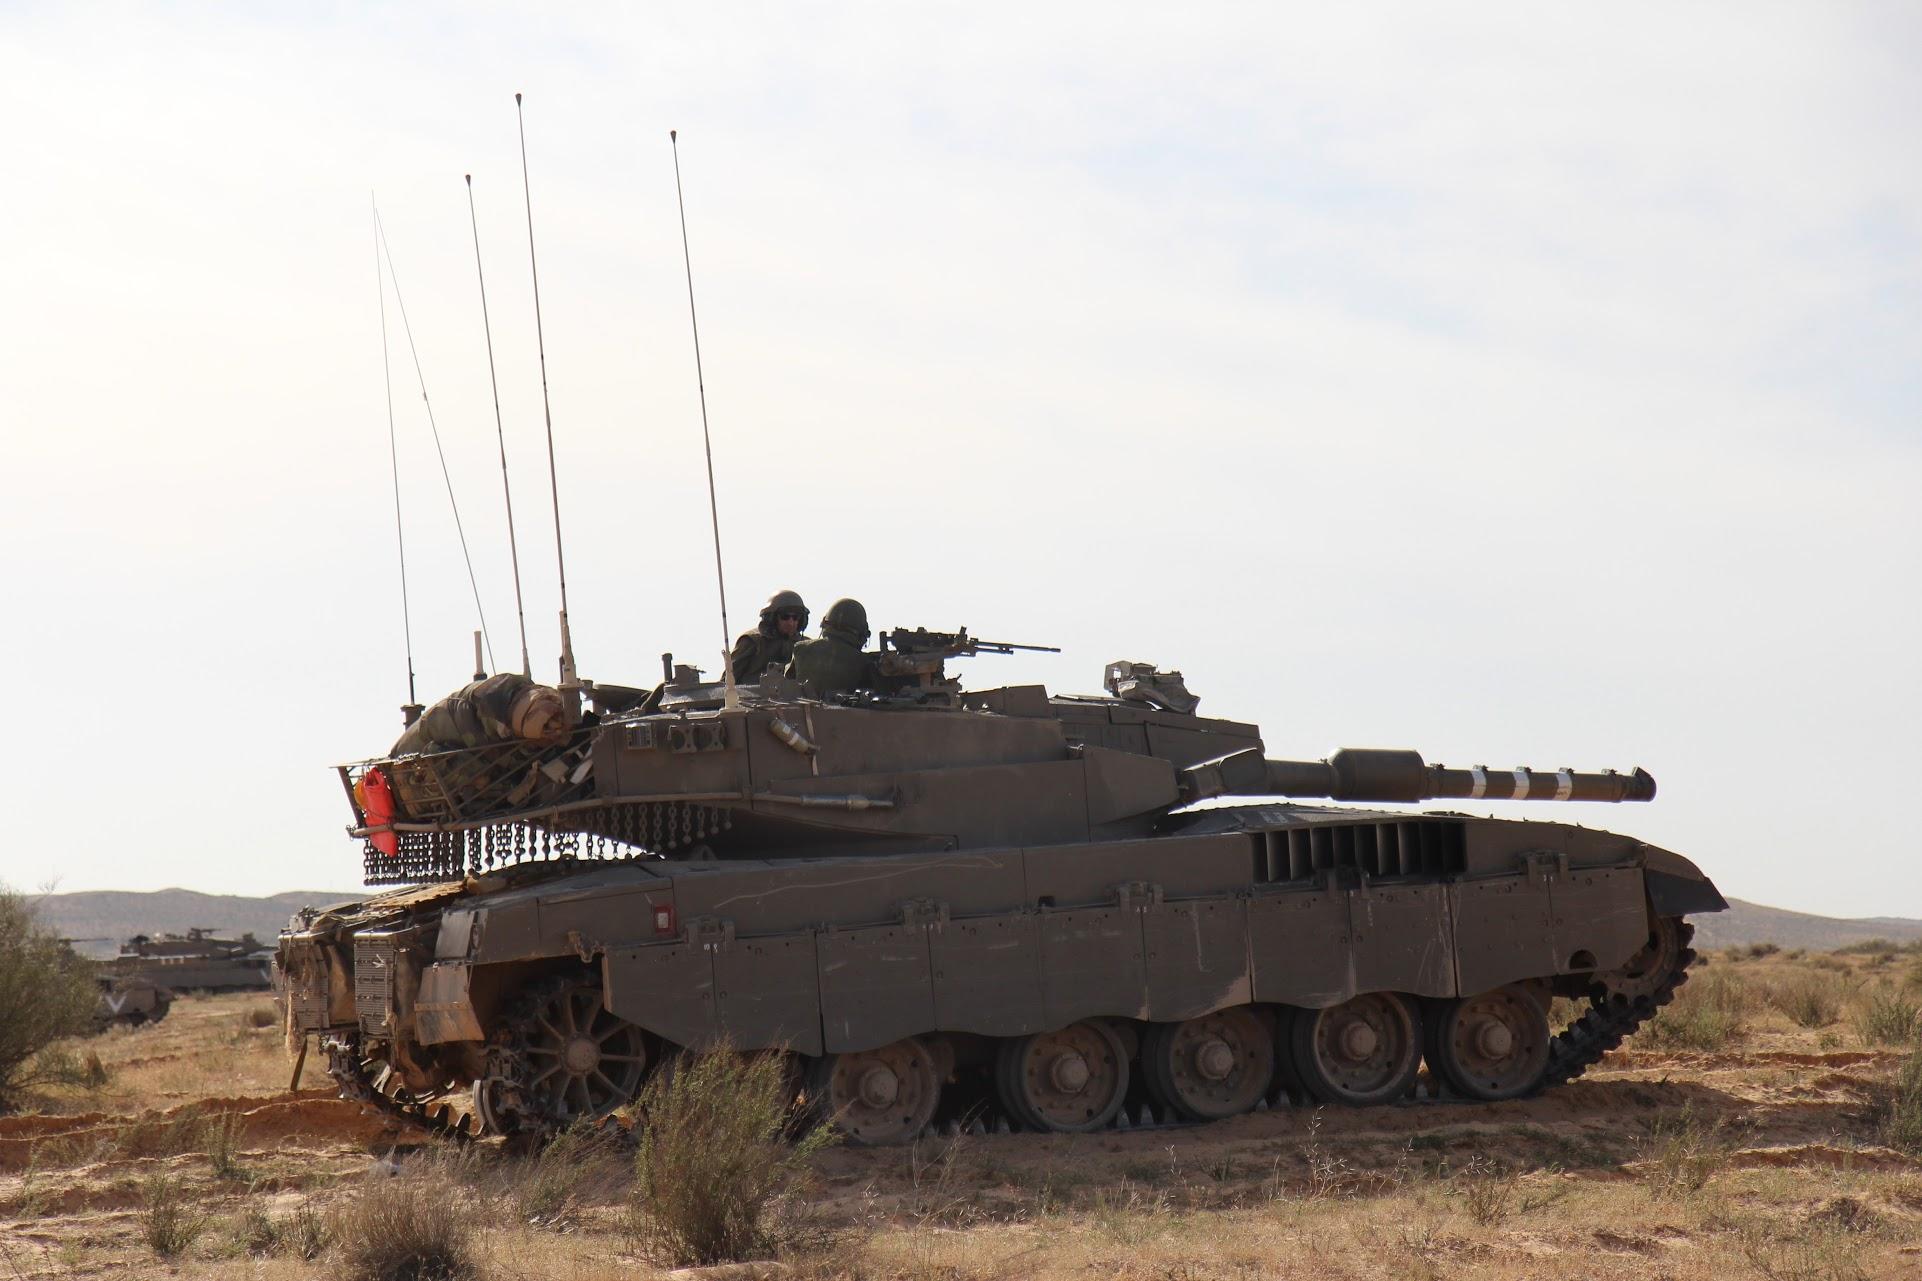 טנק על גבעה